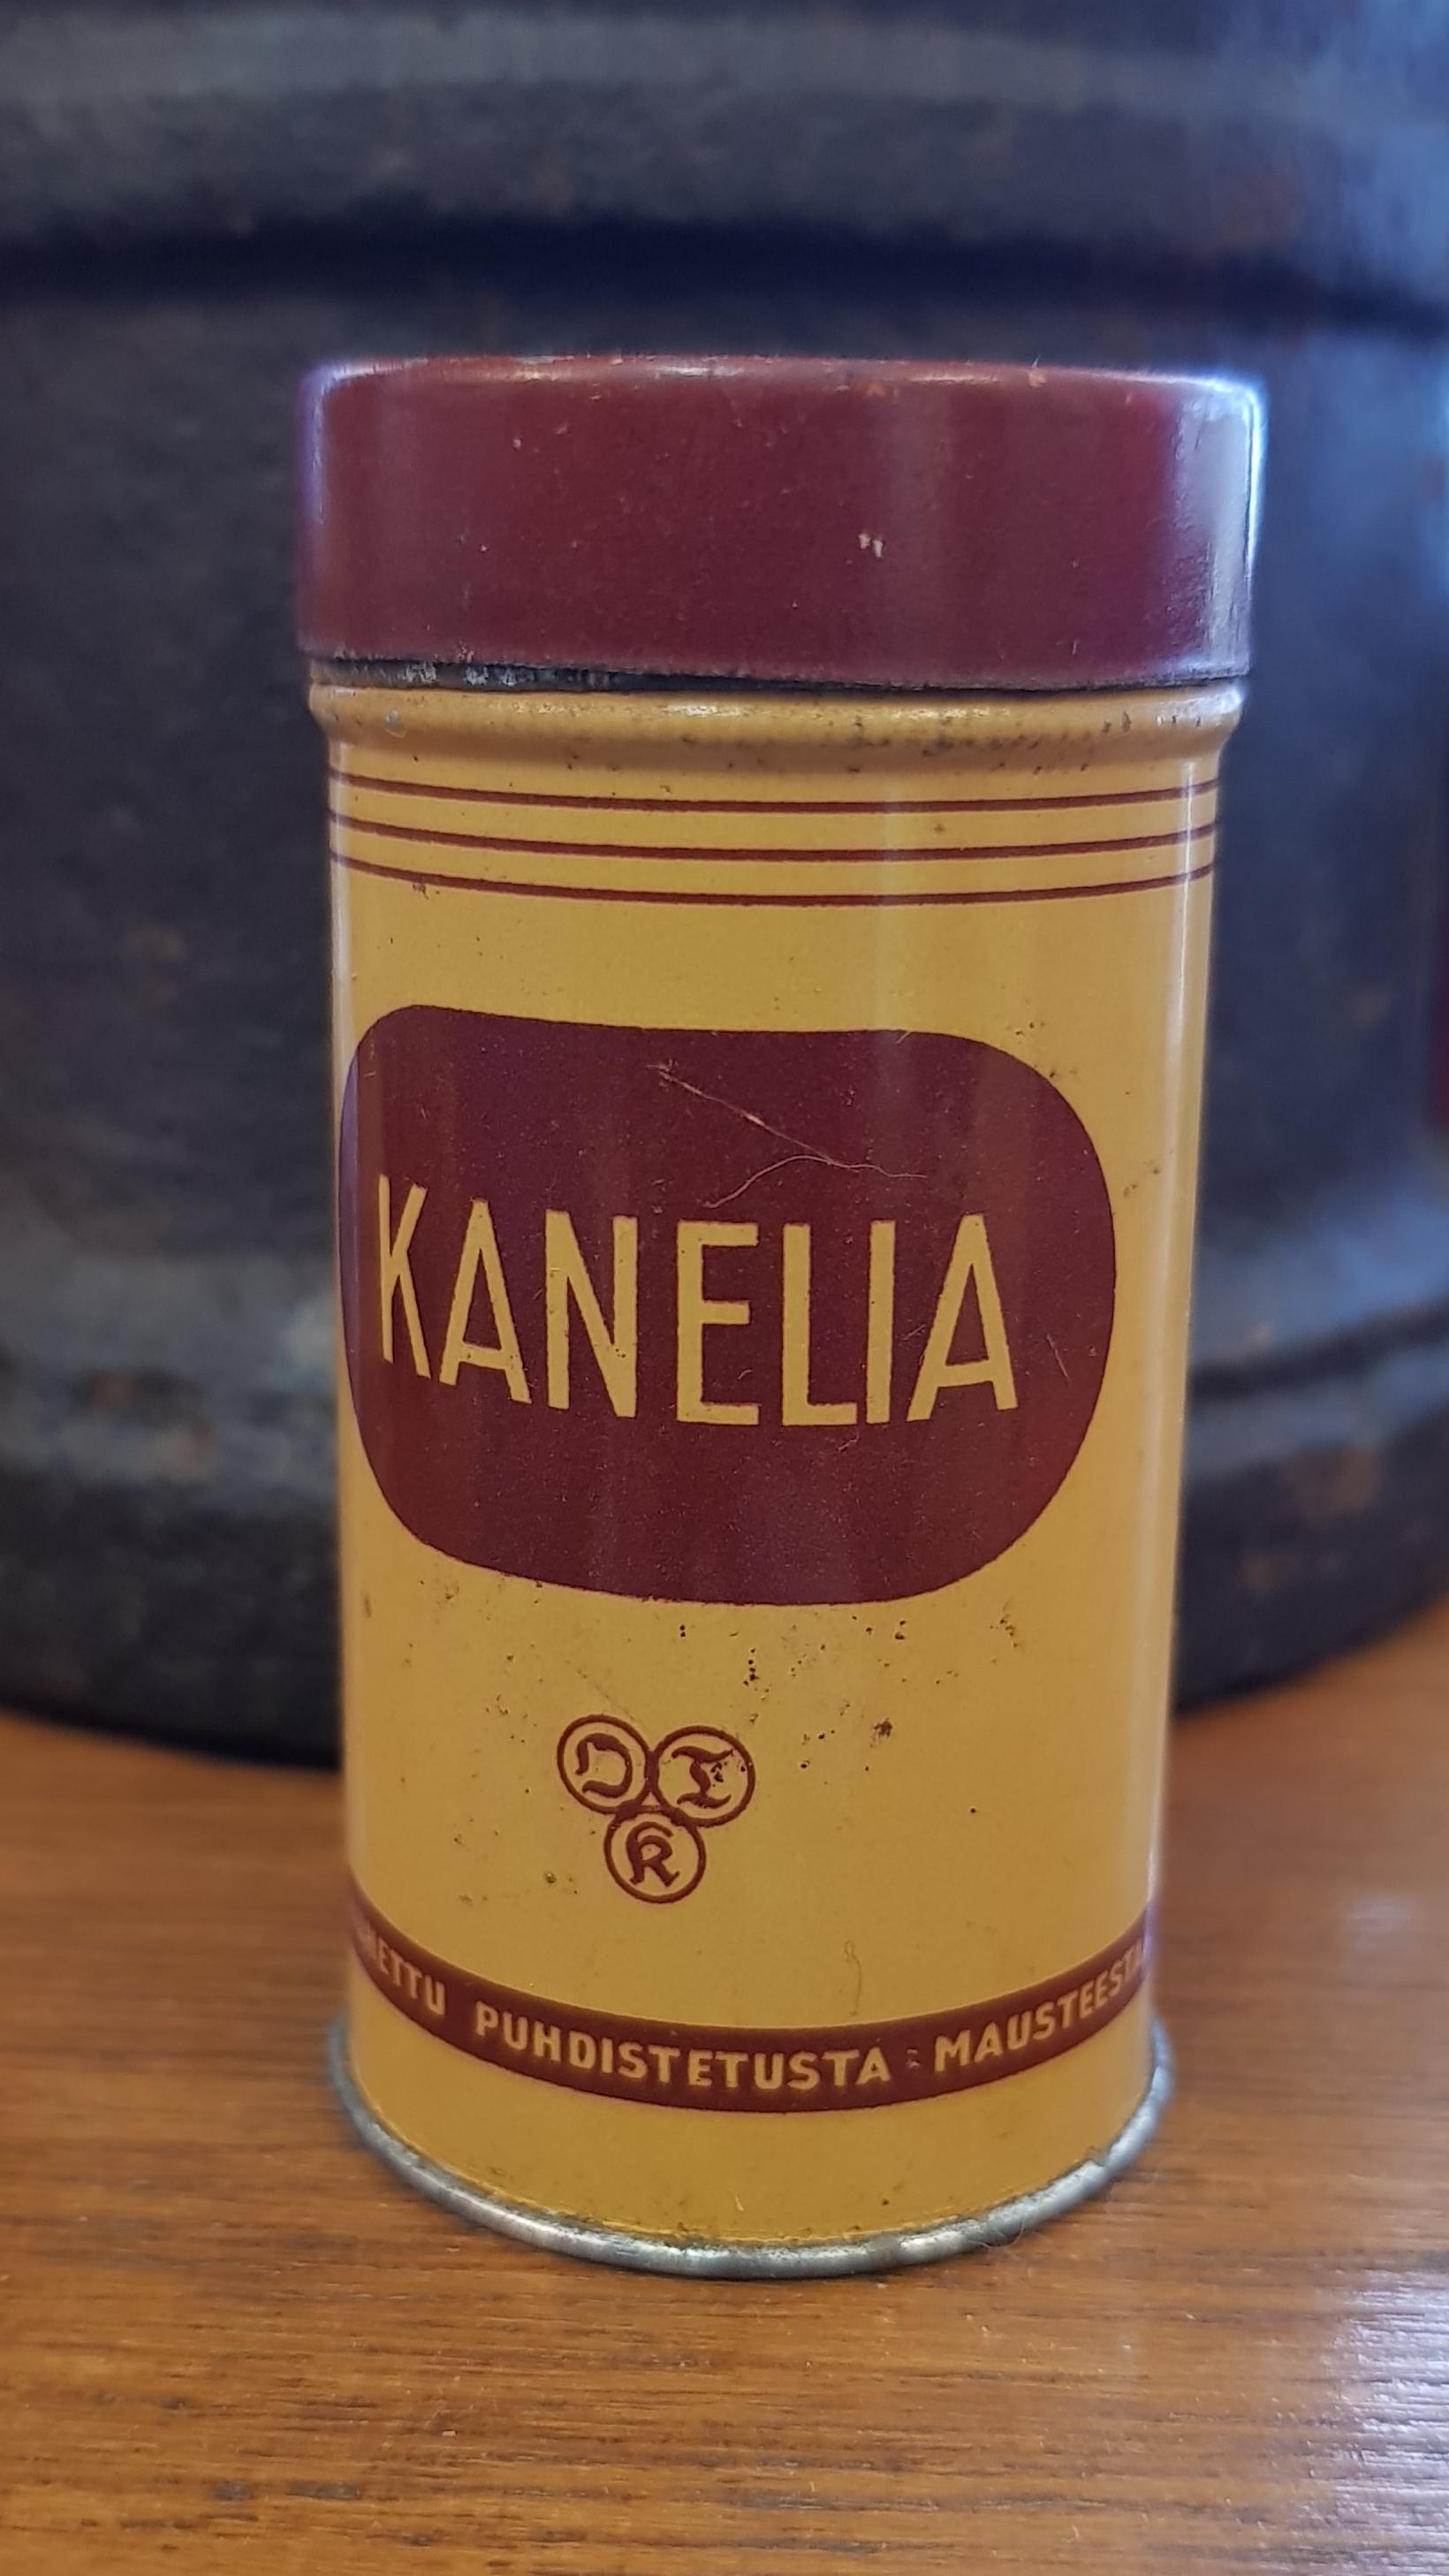 Vanha peltinen maustepurkki, kanelia